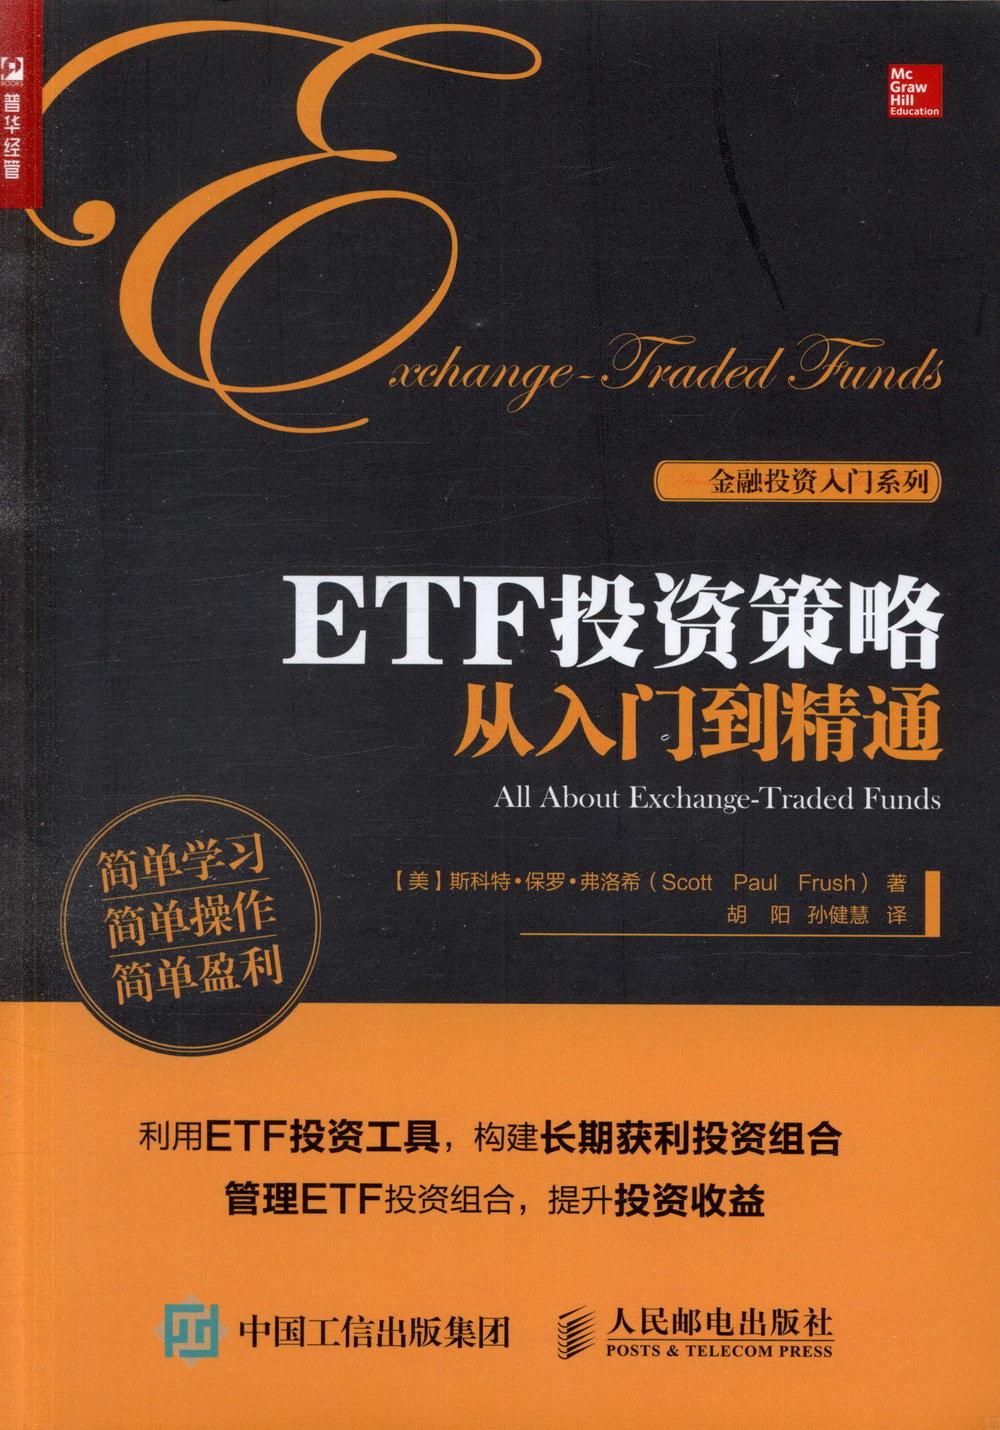 ETF投資策略從入門到精通